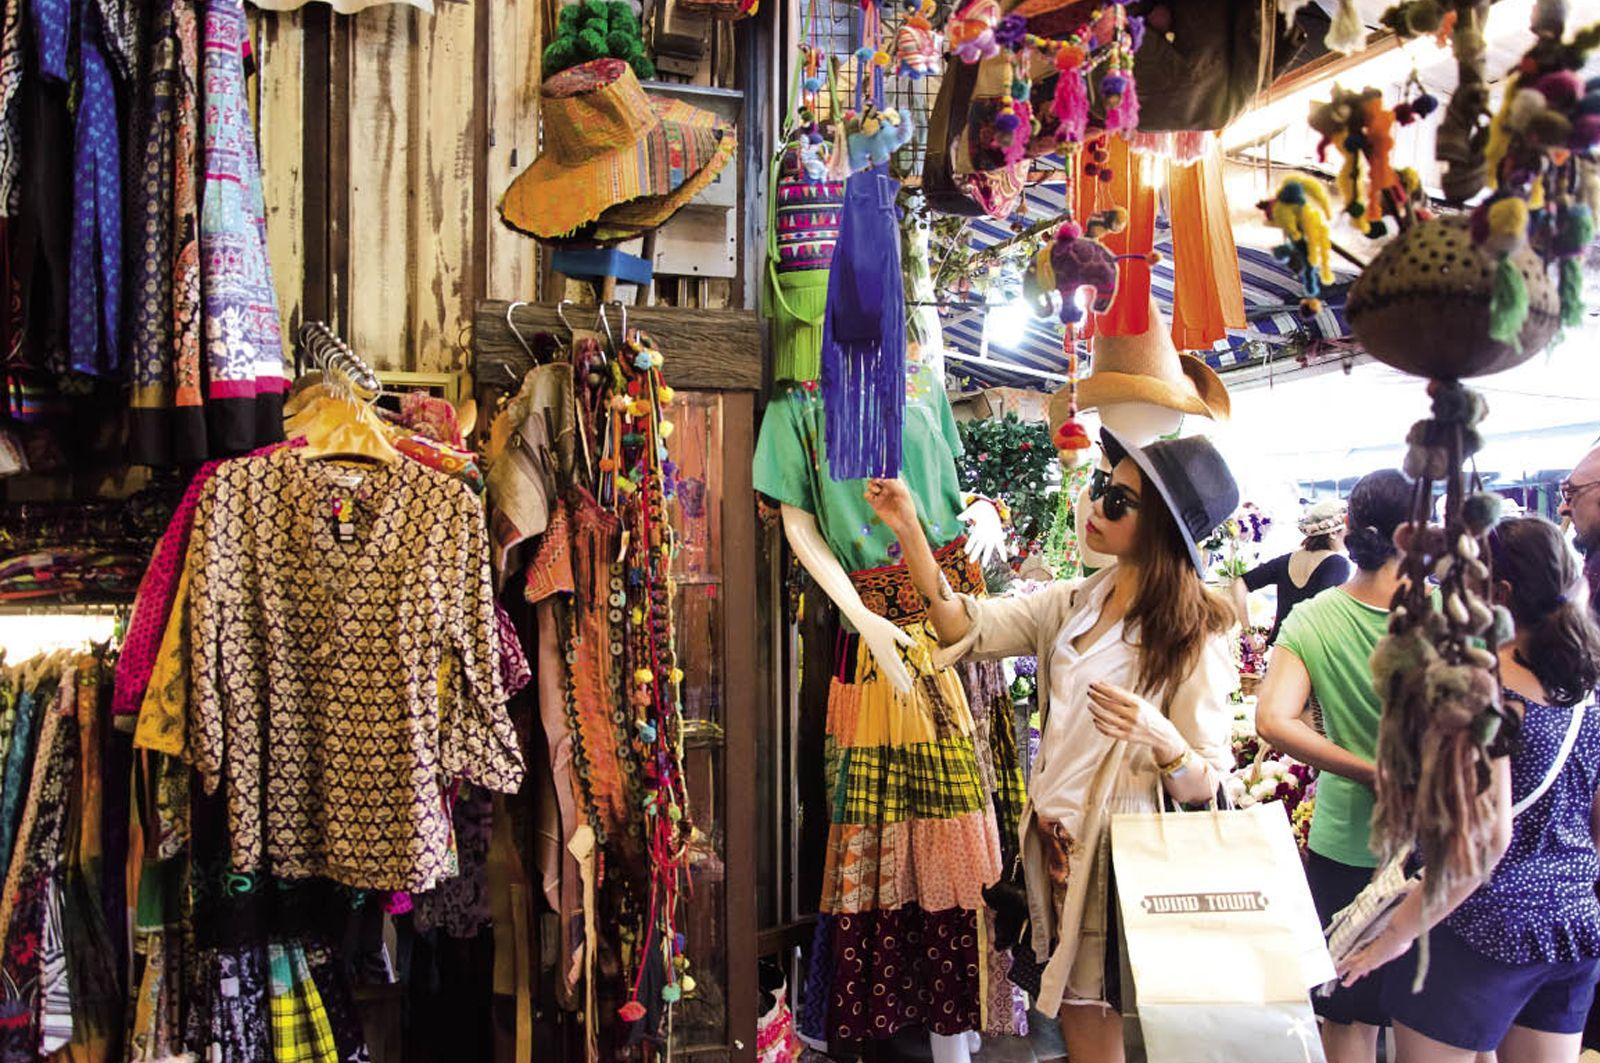 Mua gì ở chợ Chatuchak?